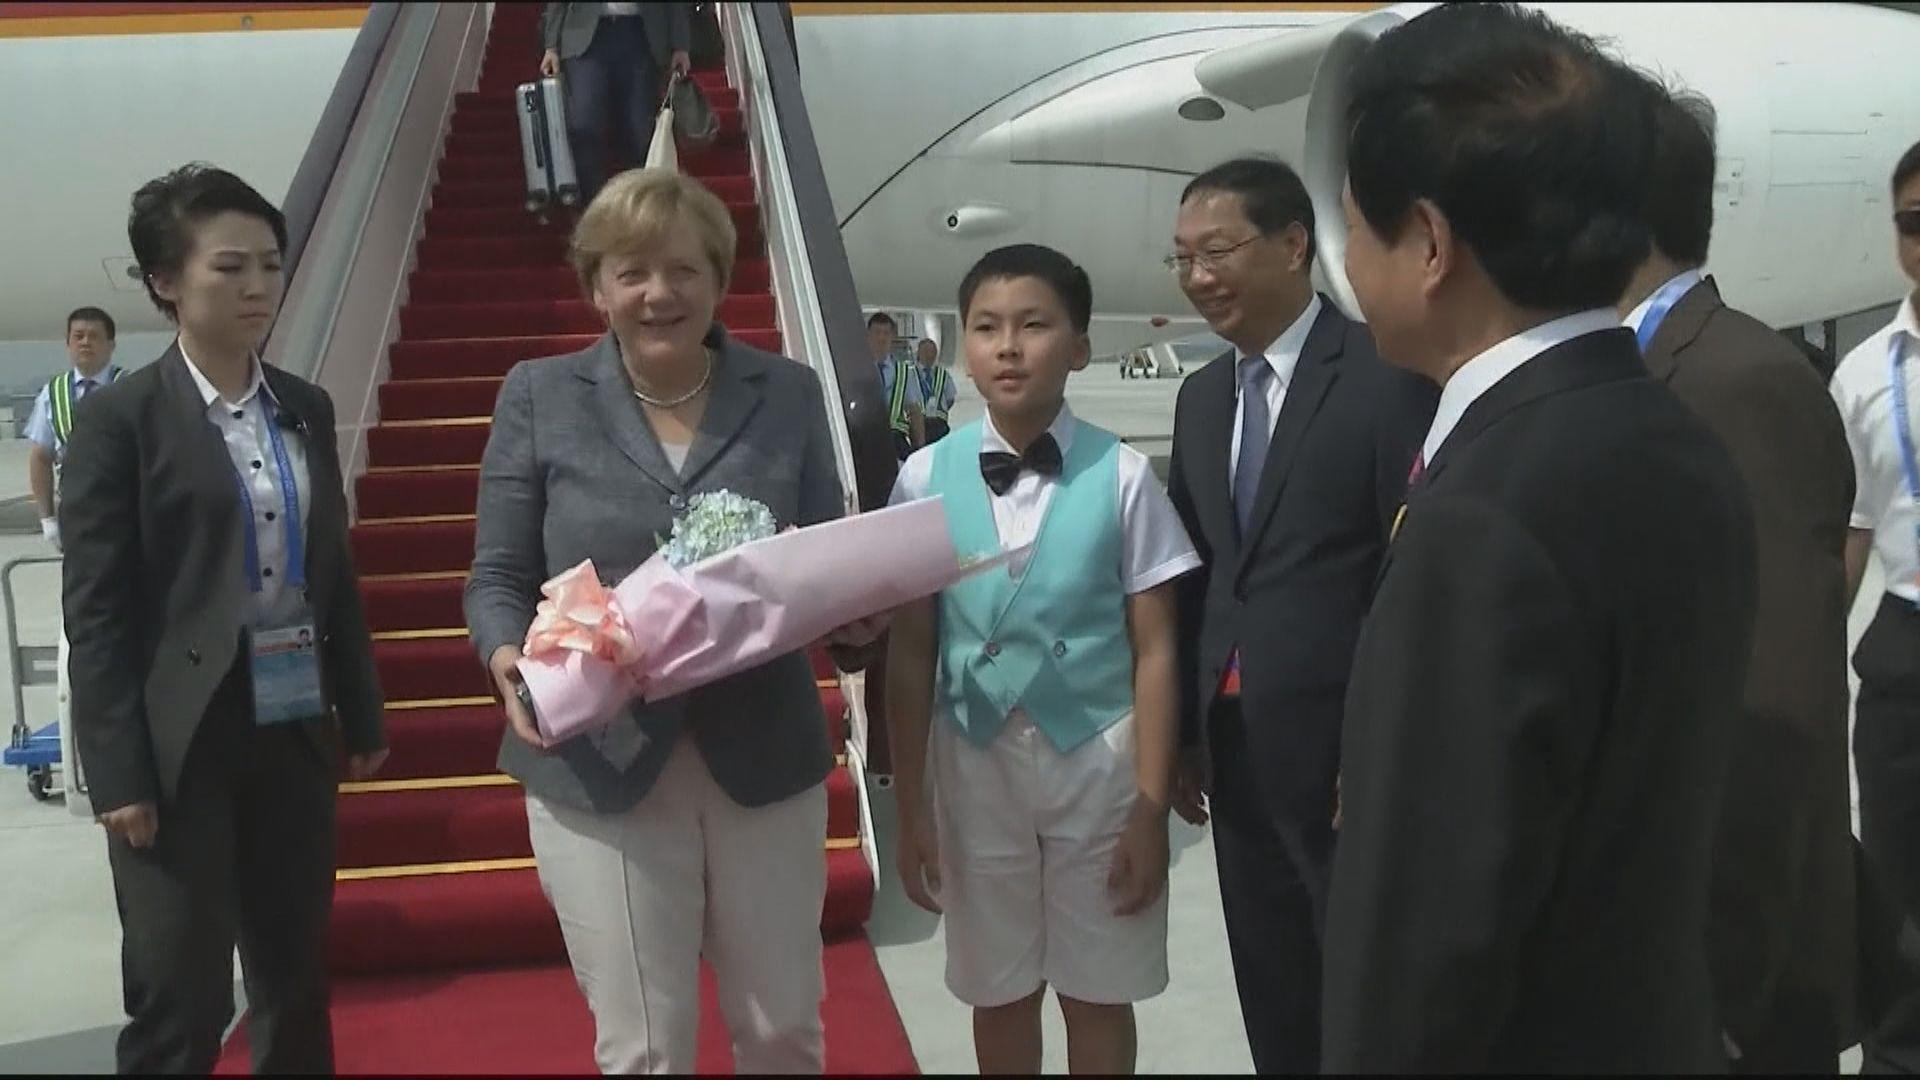 默克爾率領商業代表團訪華 據報將表達關注香港問題